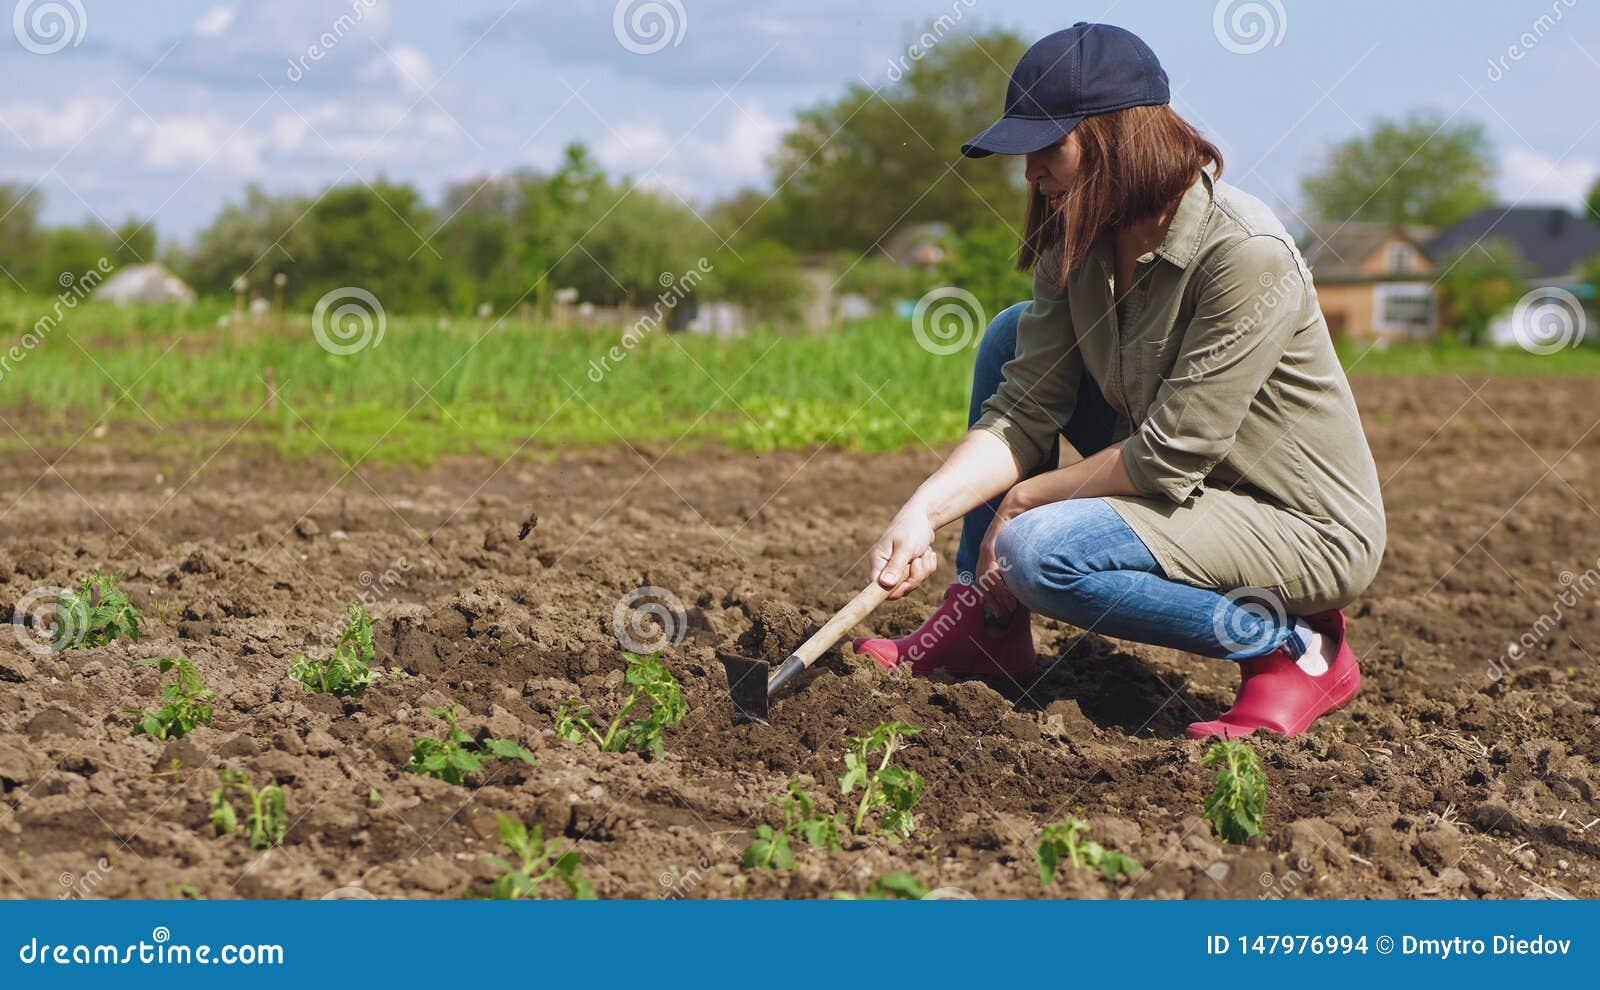 La donna allenta il suolo prima della piantatura delle piantine